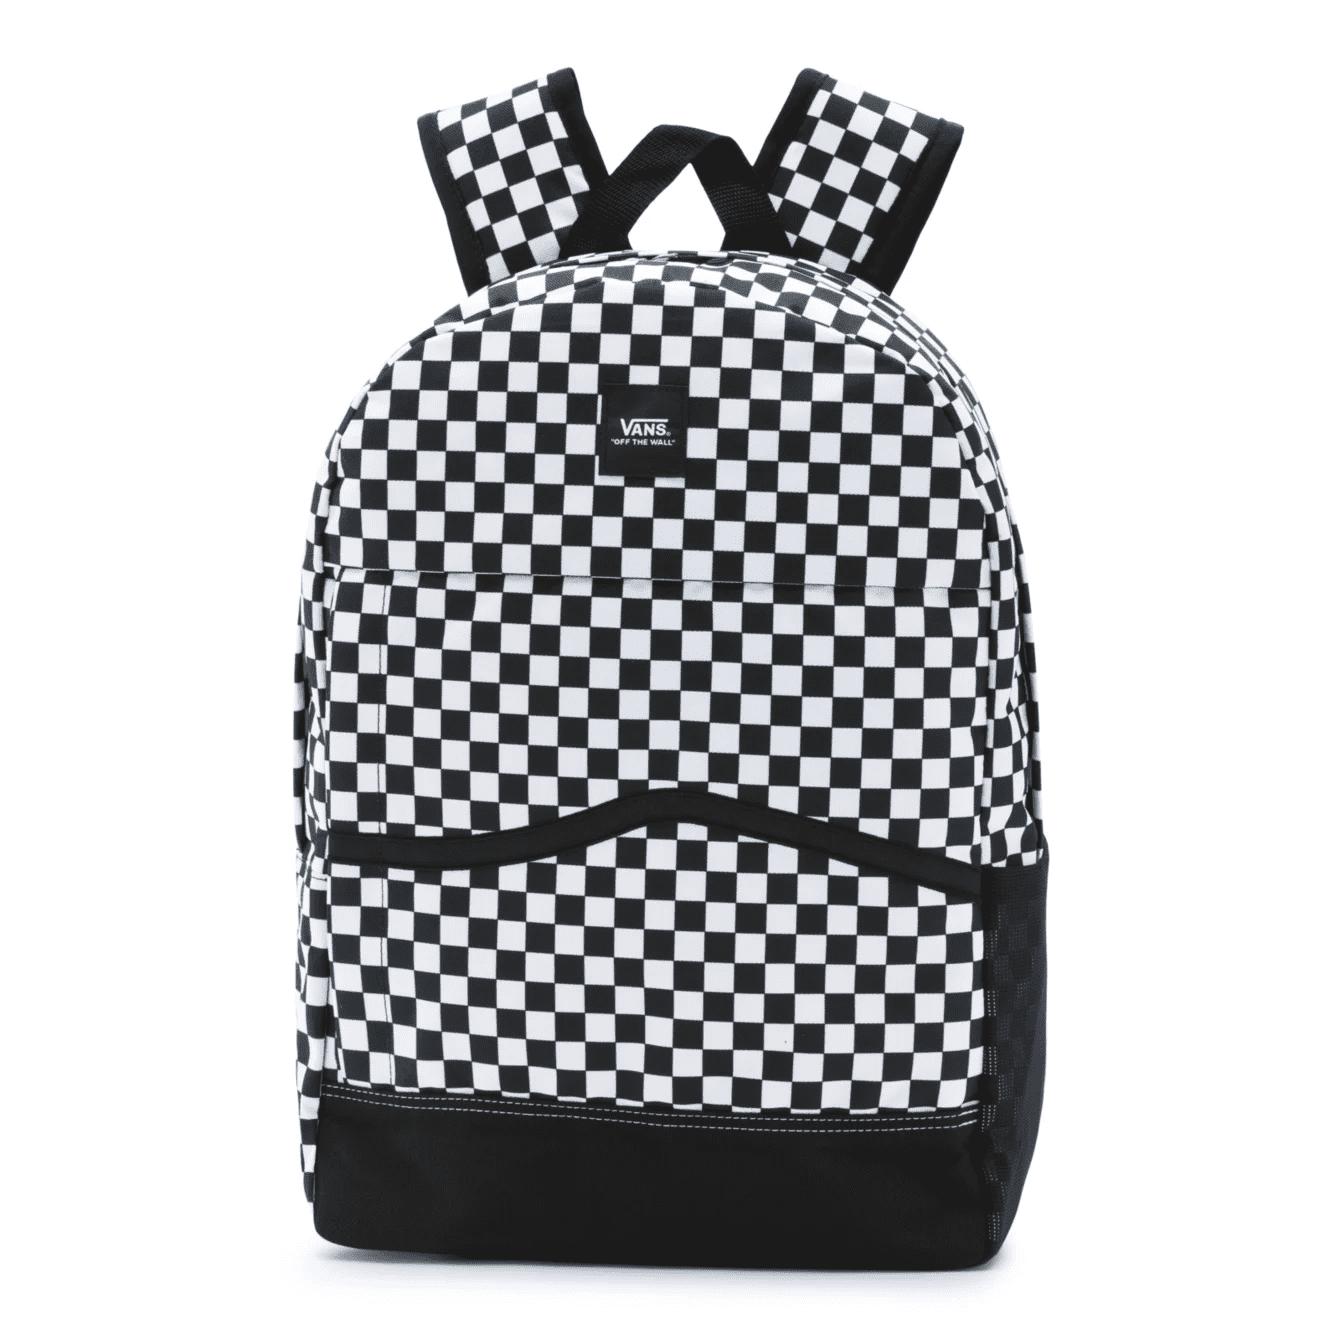 Construct Skool Backpack | Shop Mens Backpacks At Vans